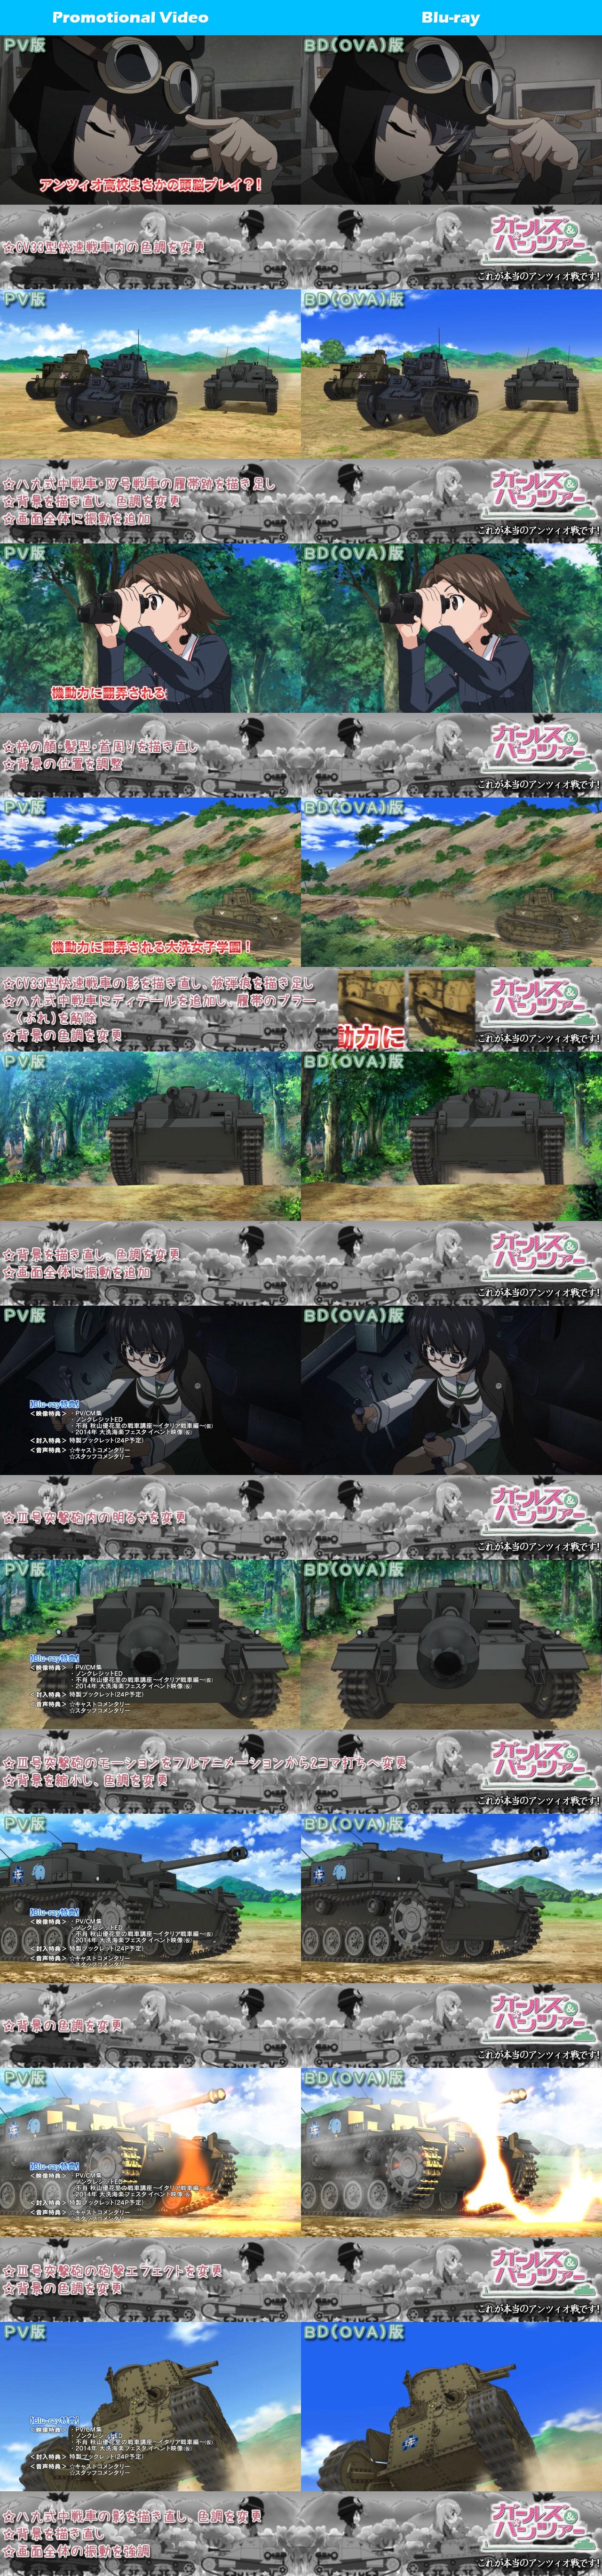 Girls-Und-Panzer-Kore-Ga-Hontou-No-Anzio-Sen-Desu-TV-and-Blu-ray-Comparison-4_Haruhichan.com